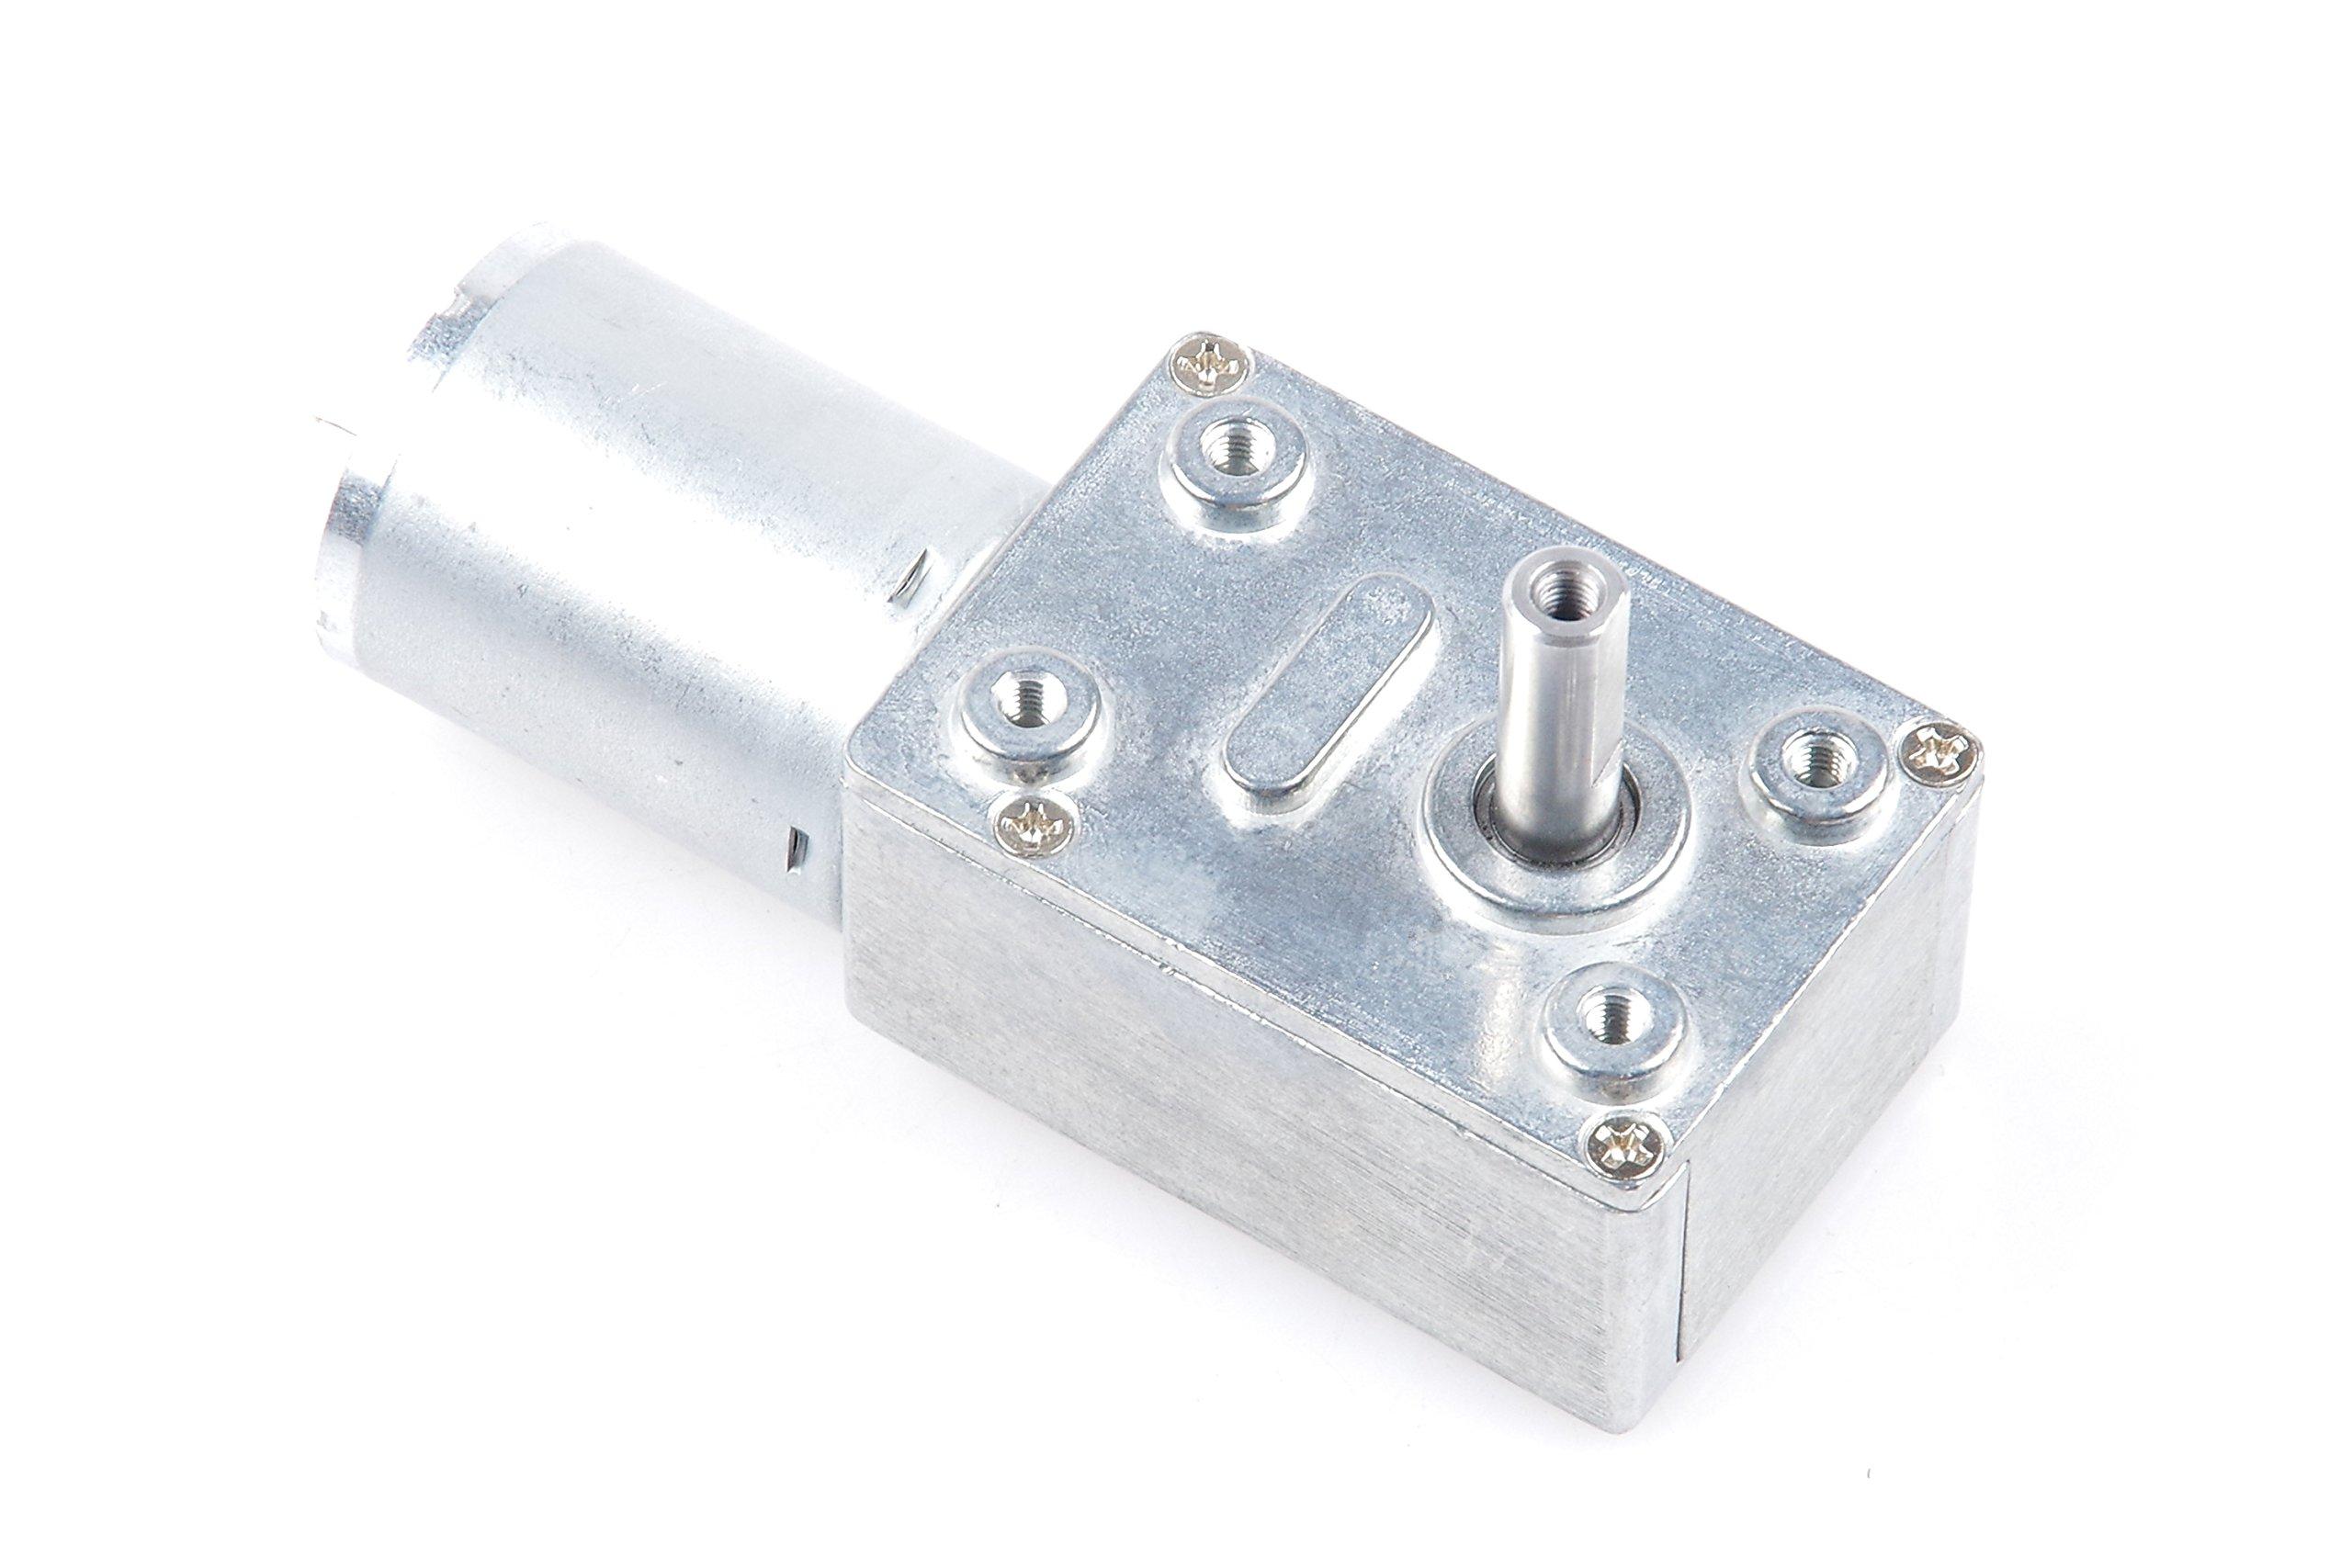 DC 6V 10RPM Worm Gear Motor 6mm Shaft High Torque Turbine Reducer (DC 6V, 10 RPM)